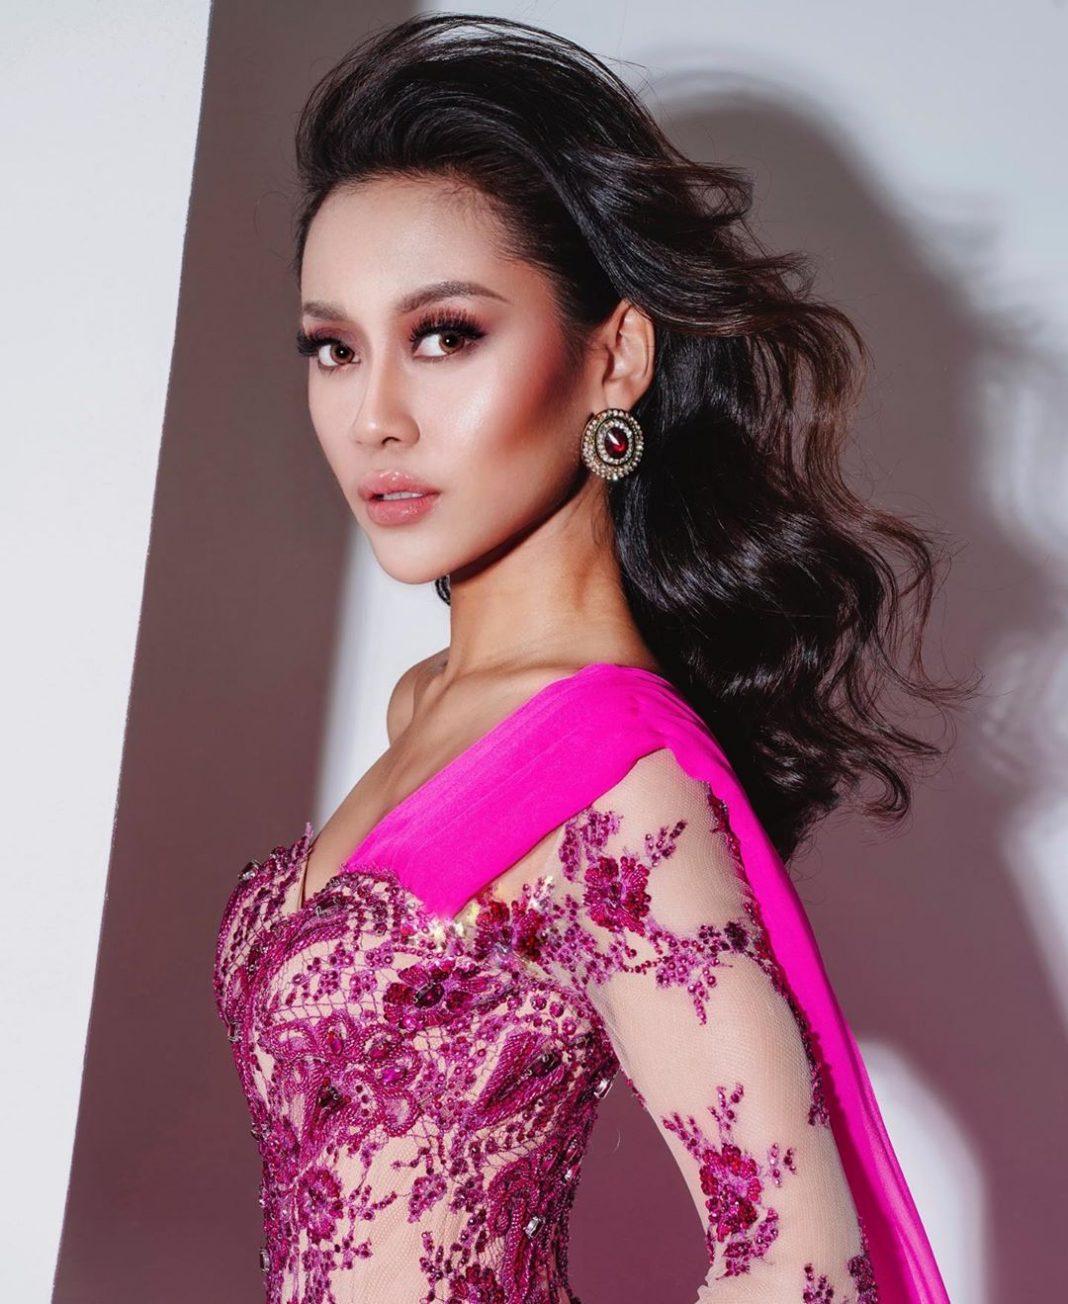 francisca luhong james vence miss universe malaysia 2020. 9m6pqcup